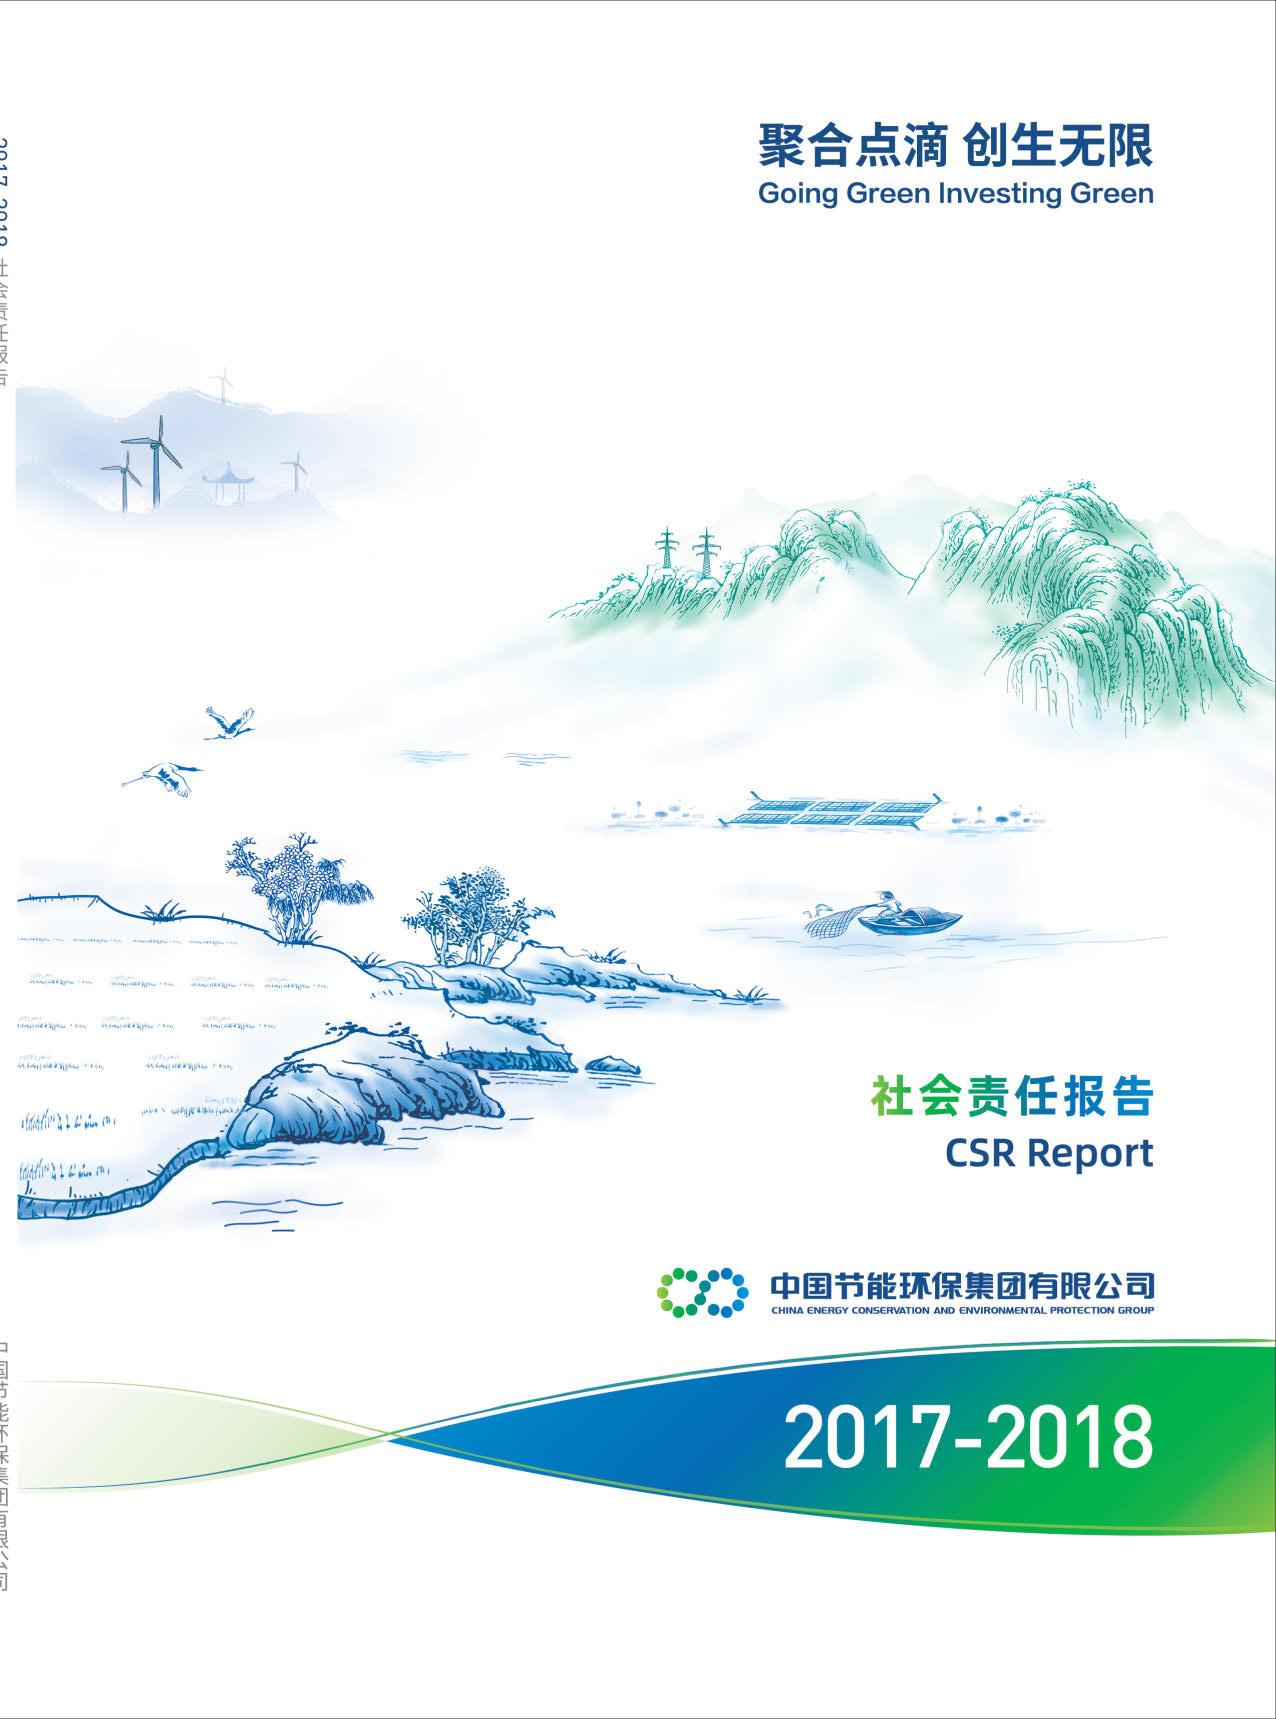 中国辽宁11选5开奖结果2017-2018年社会责任报告